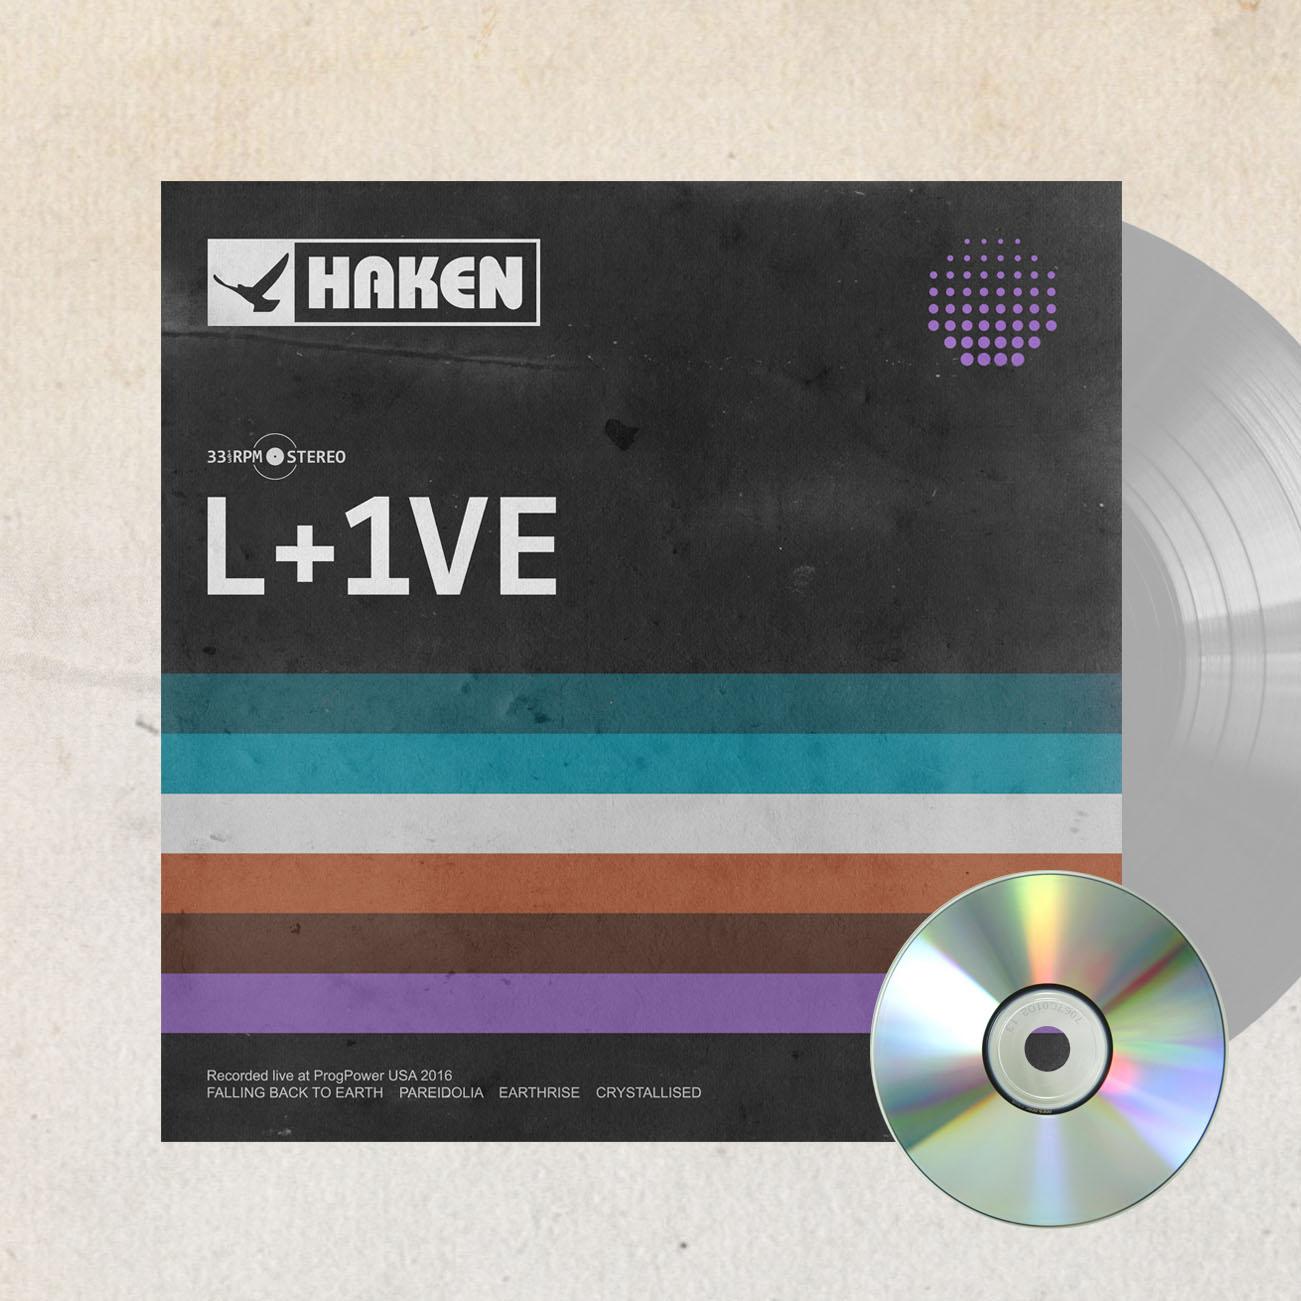 Haken - 'L+1VE' *EXCLUSIVE* Silver Vinyl LP + CD - Haken